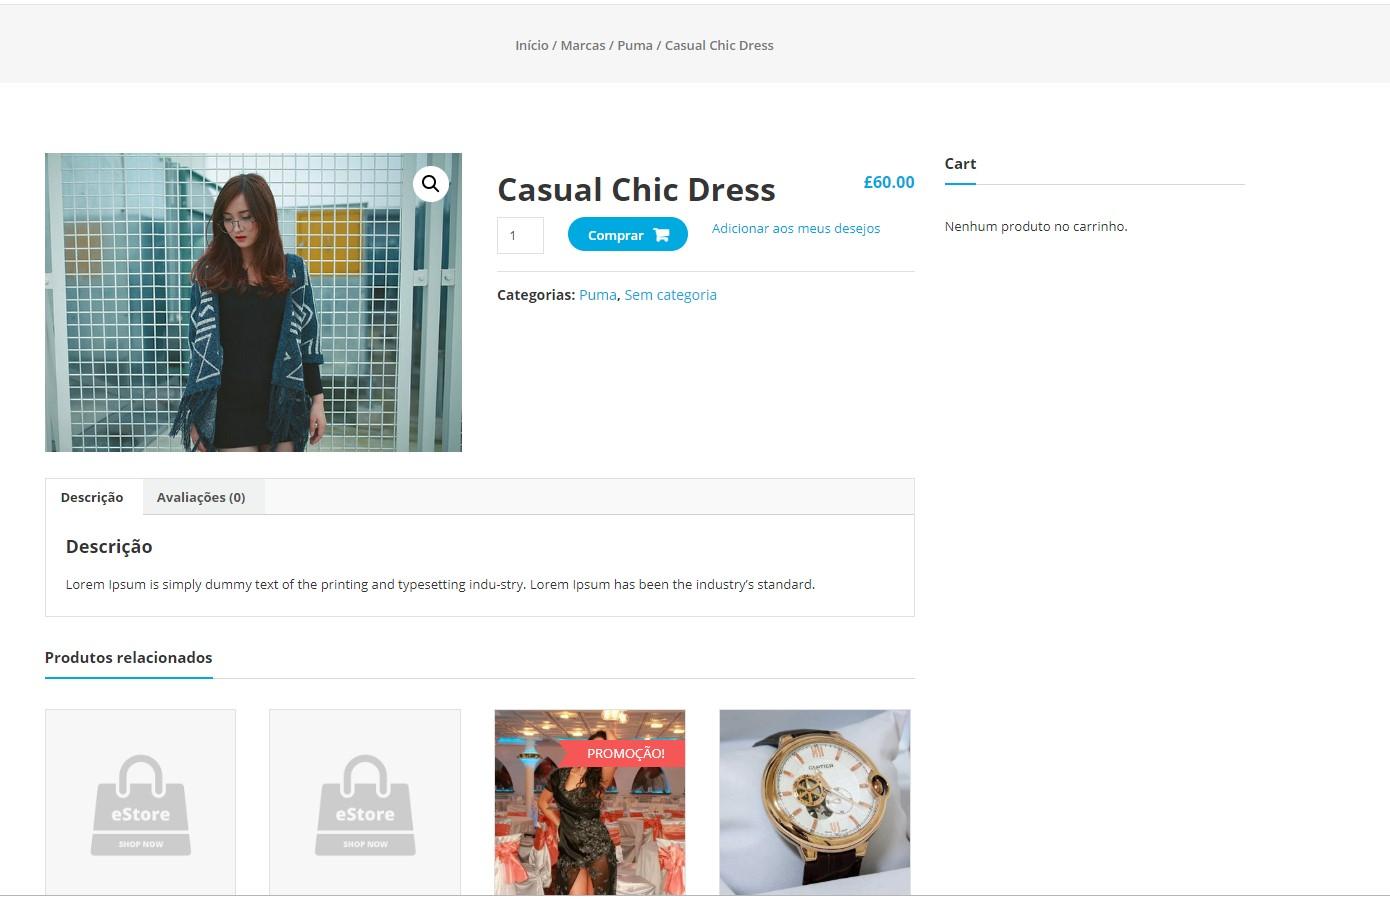 página padrão da loja online estore